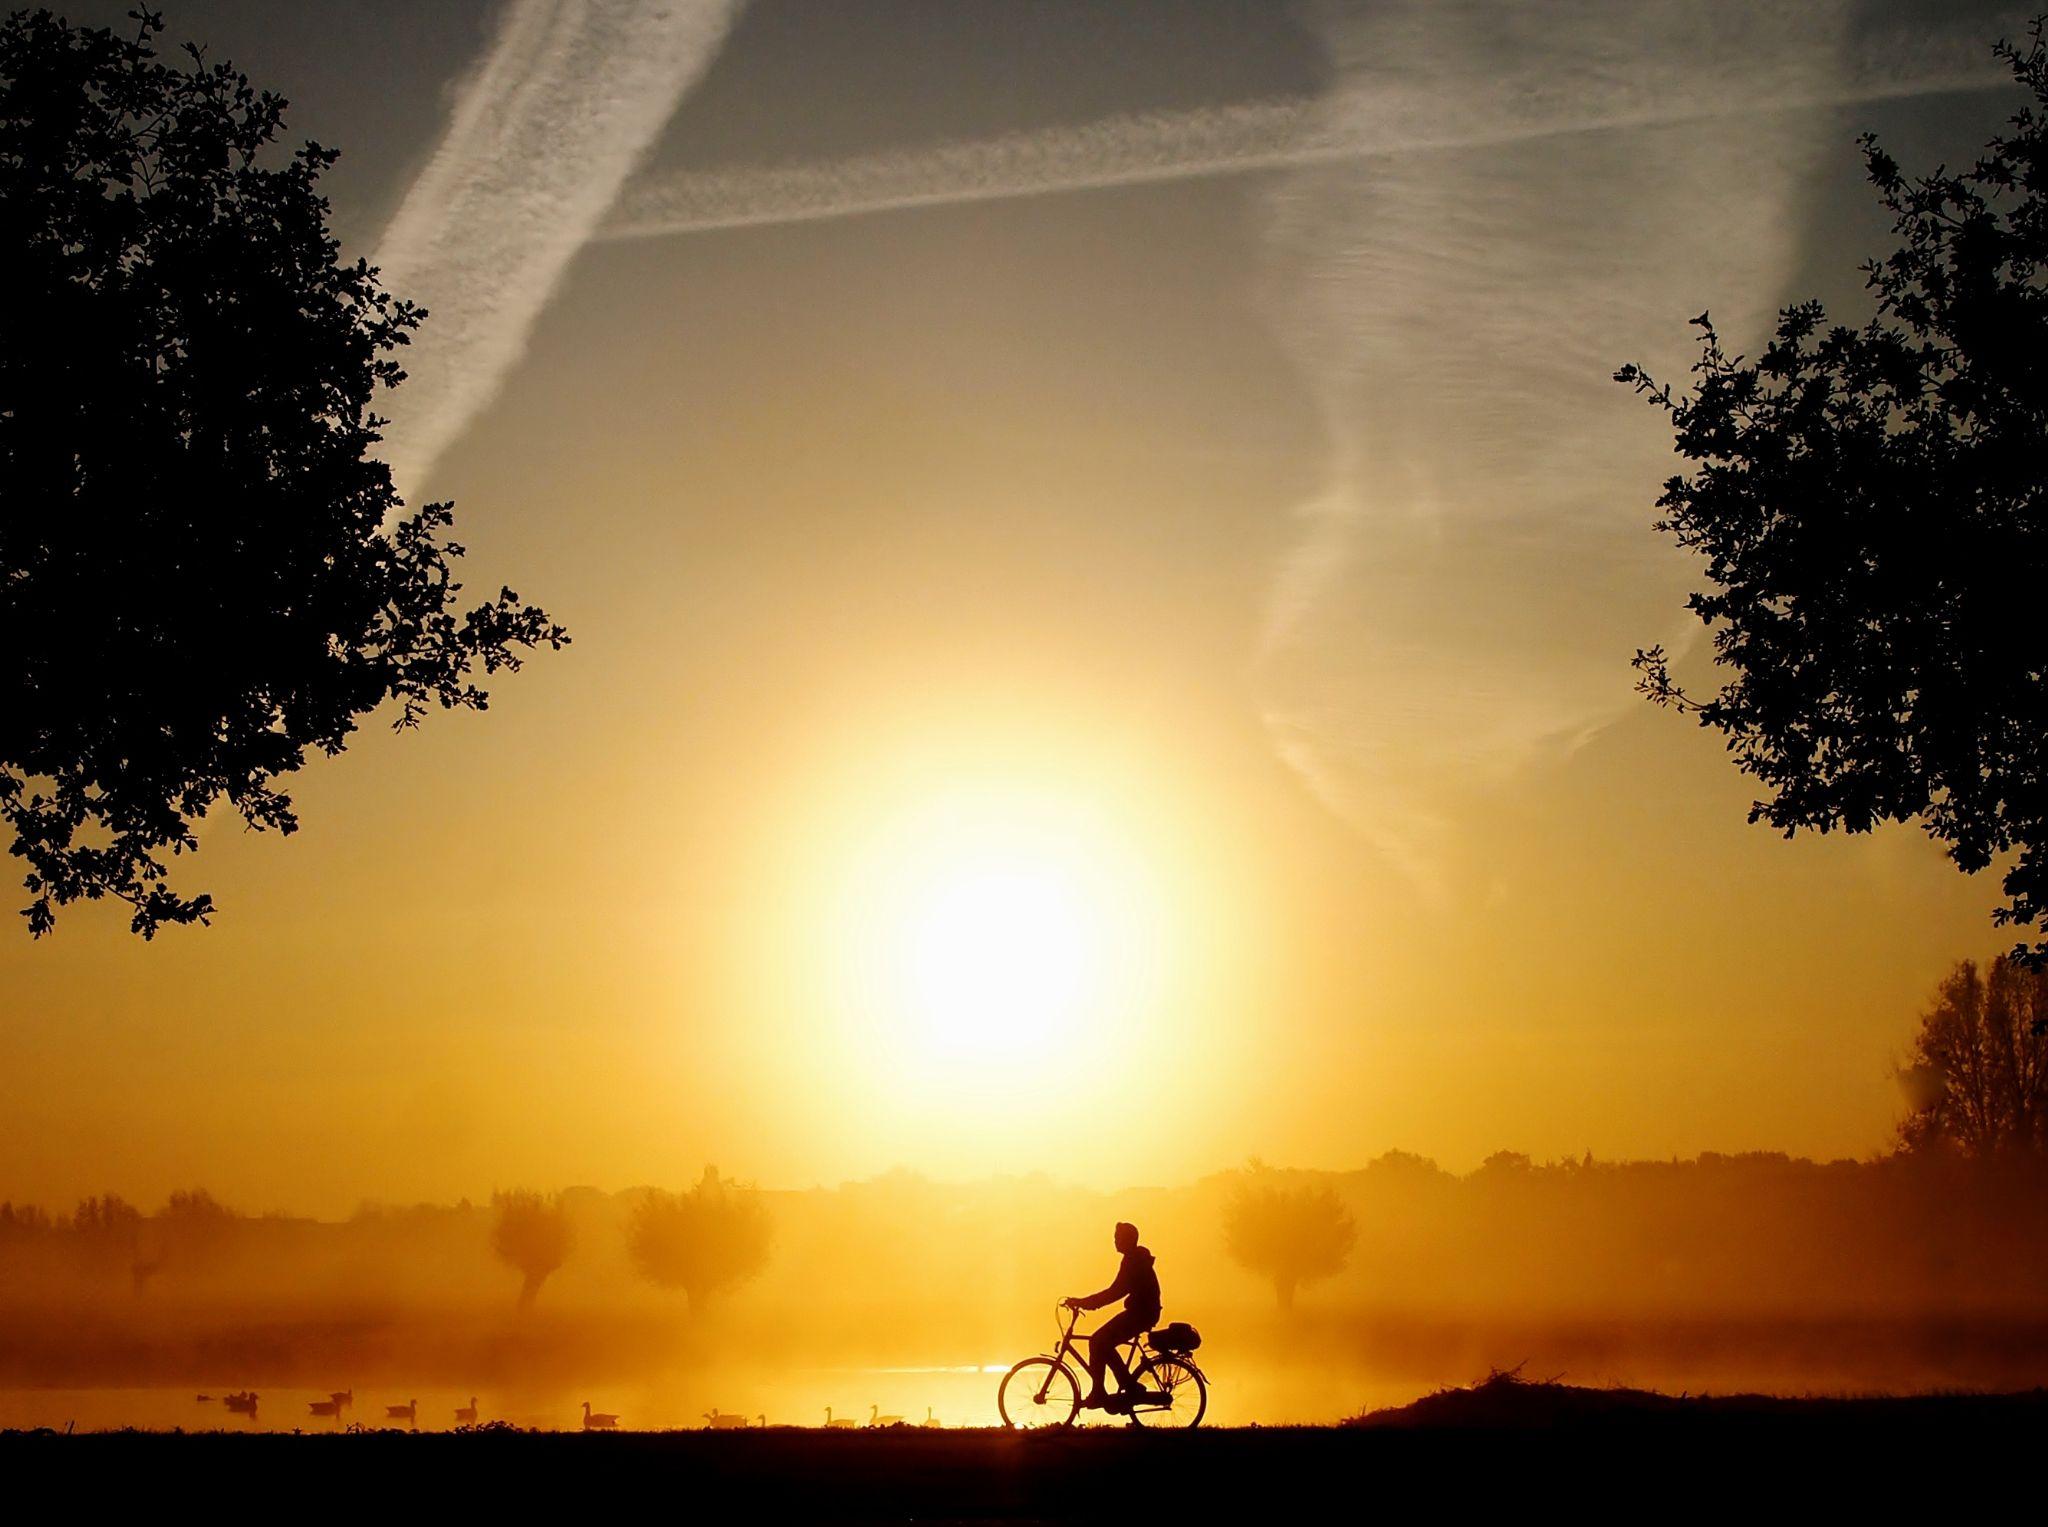 sunrise ride by annemieke